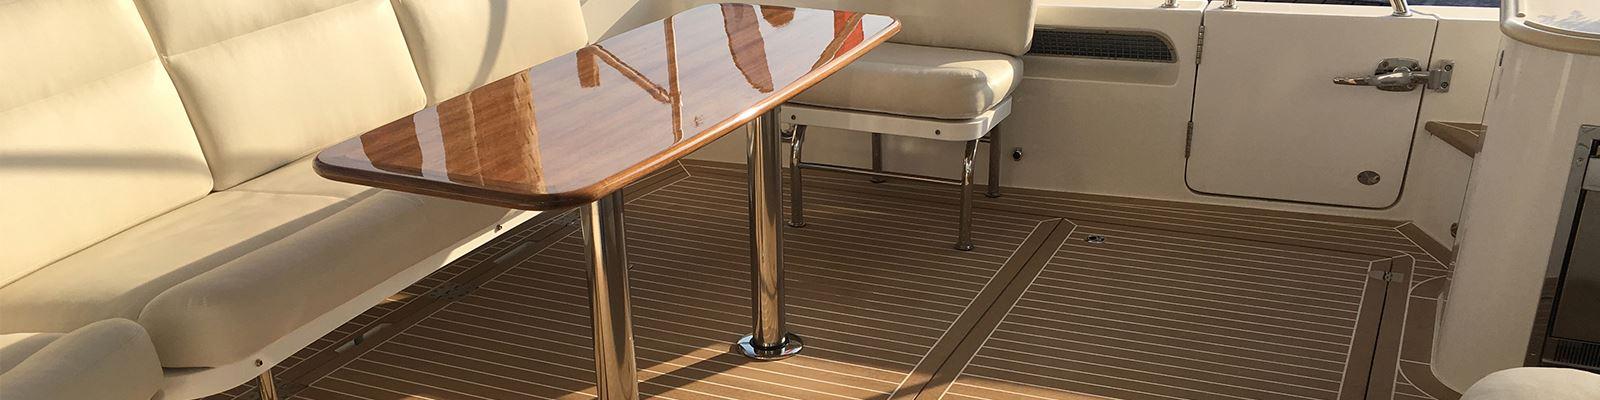 removable-side-mount-table-pedestal-system